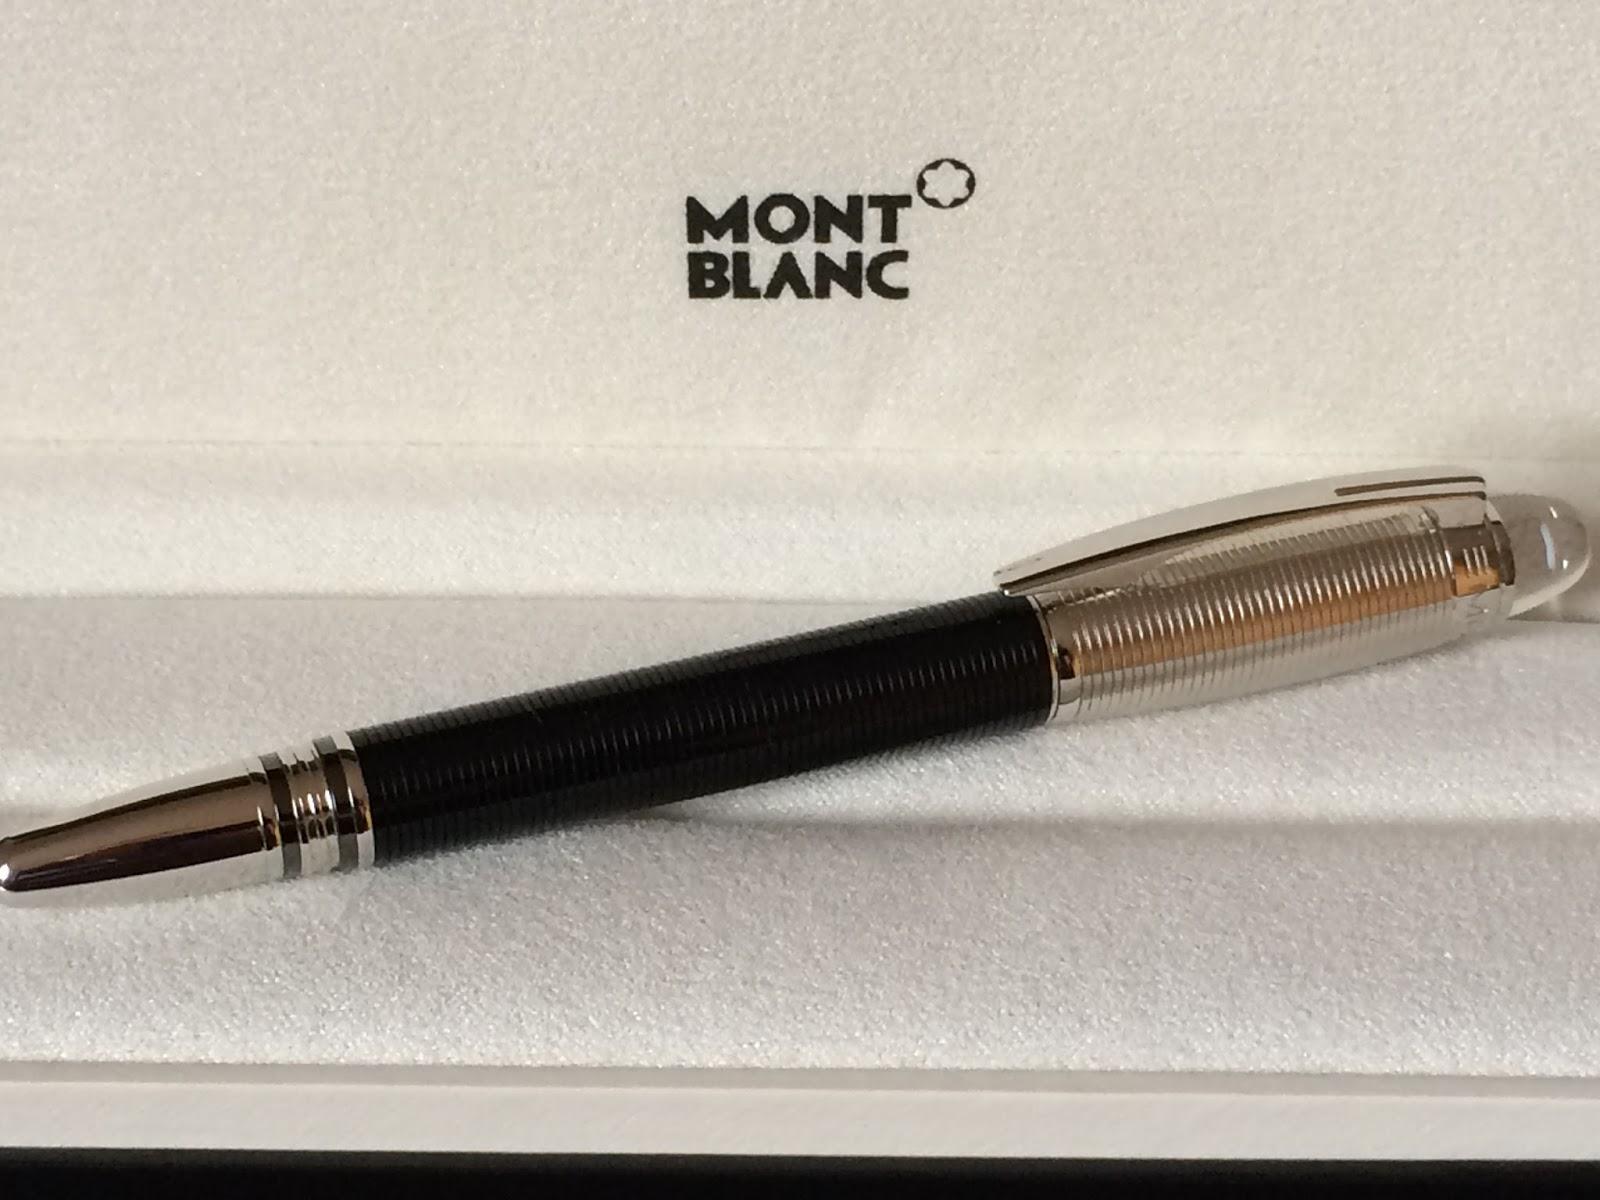 d6f3933bc0a Duas características marcantes da série Starwalker são o clip e a estrela  flutuante que diferenciam essas canetas das linhas mais clássicas da  Montblanc.